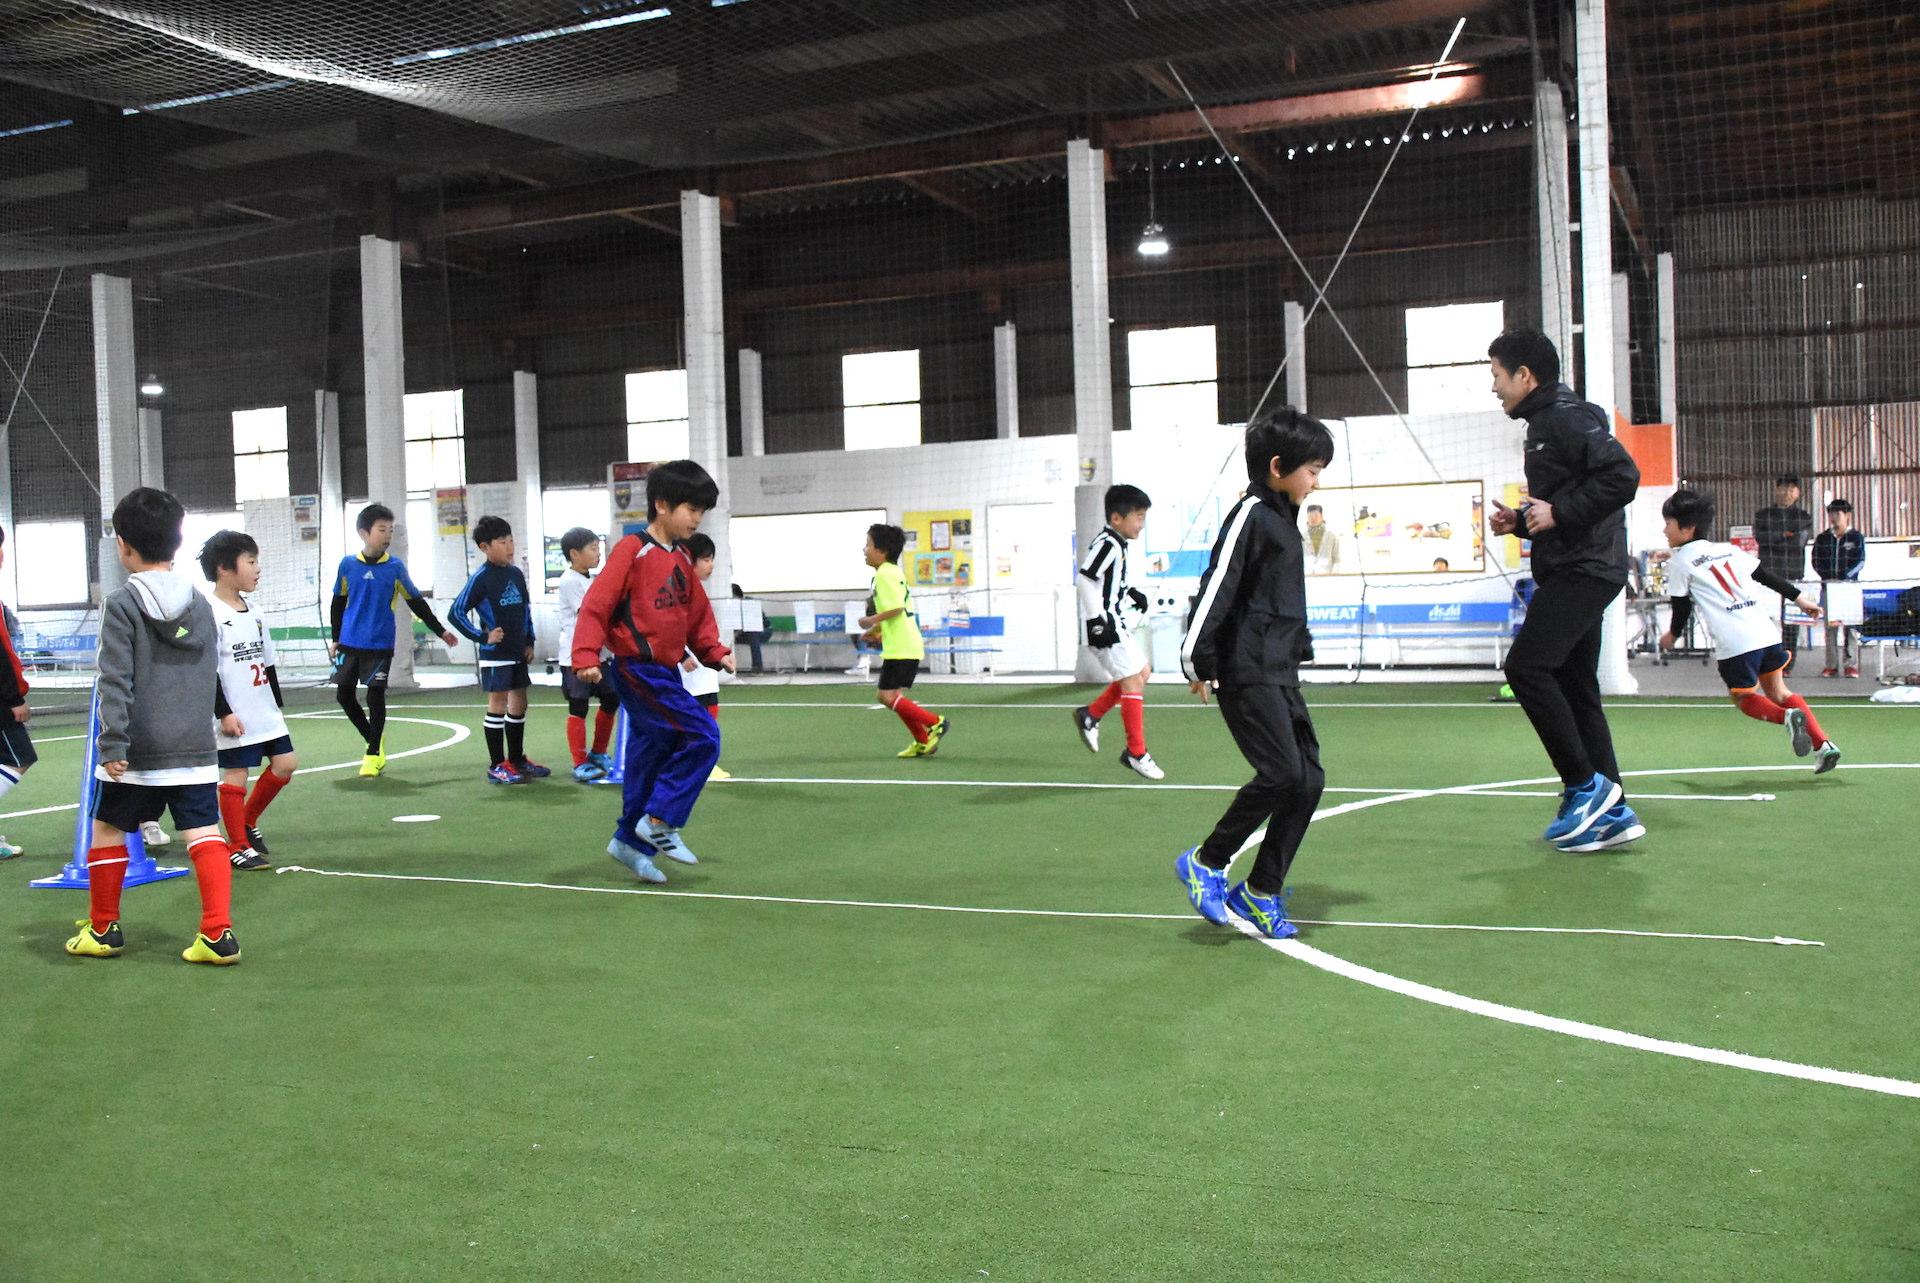 サッカー・フットサルのためのトレーニング塾